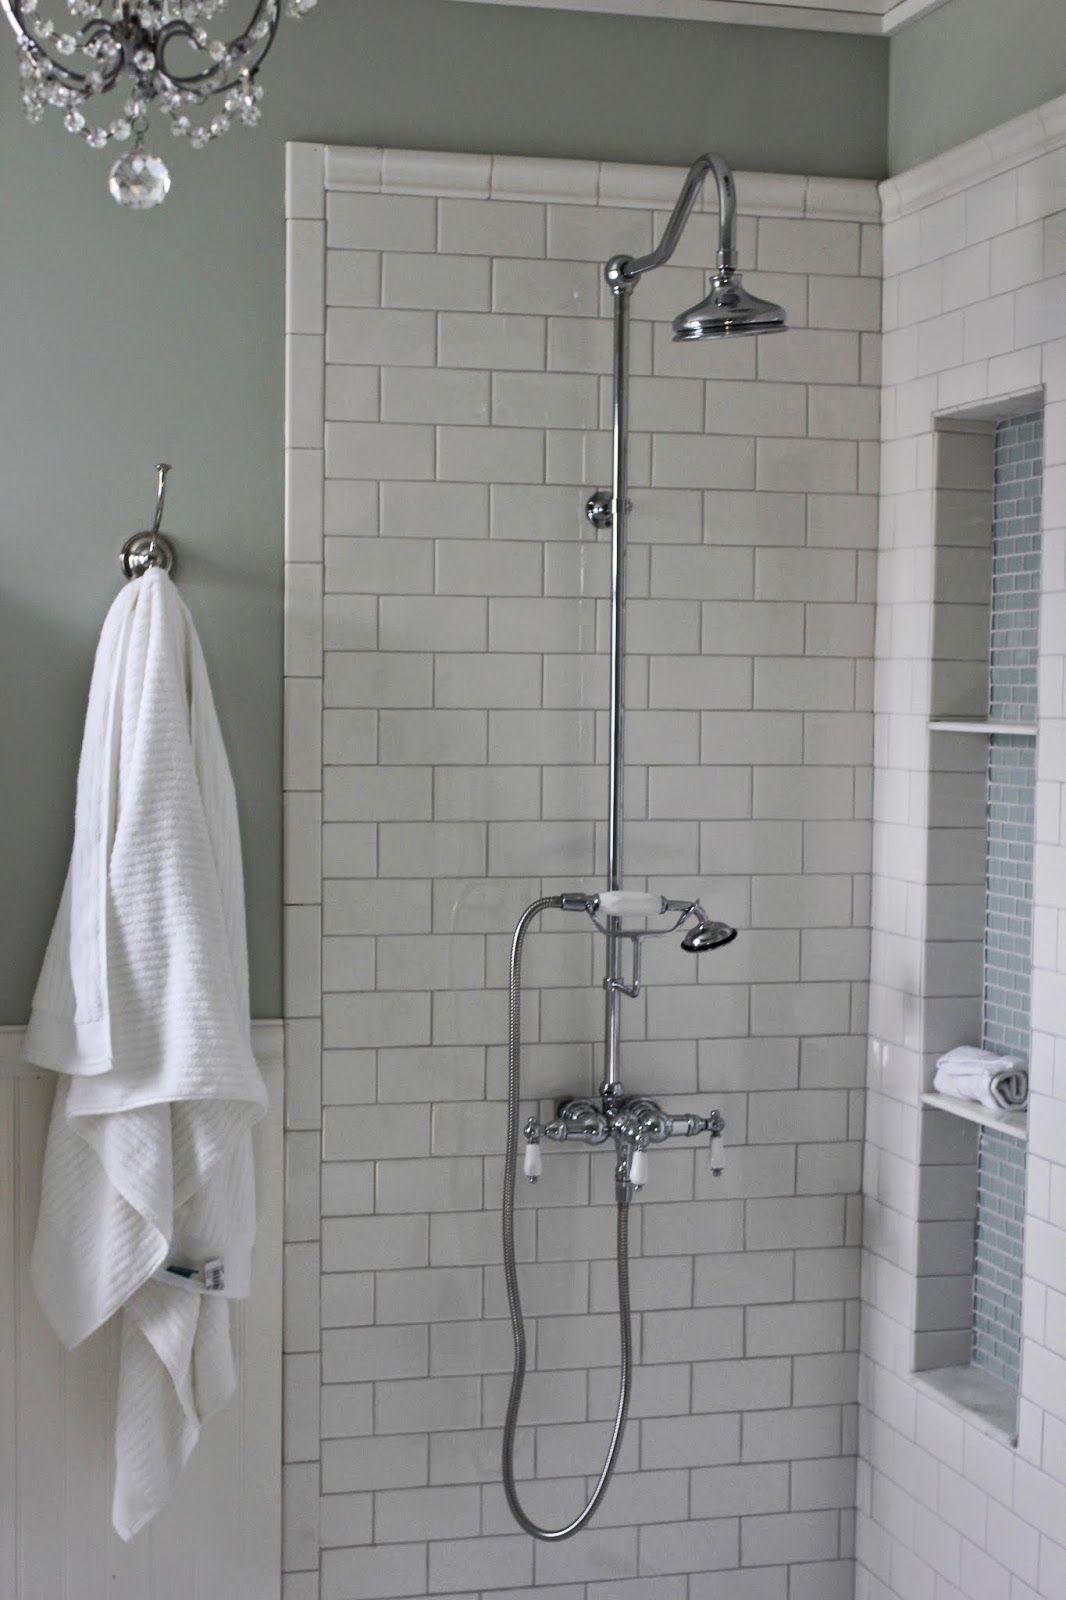 Shower niche tutorial shower niche white subway tiles and mosaic diy tall shower niche tutorial with exposed shower mosaic glass and white subway tile dailygadgetfo Gallery